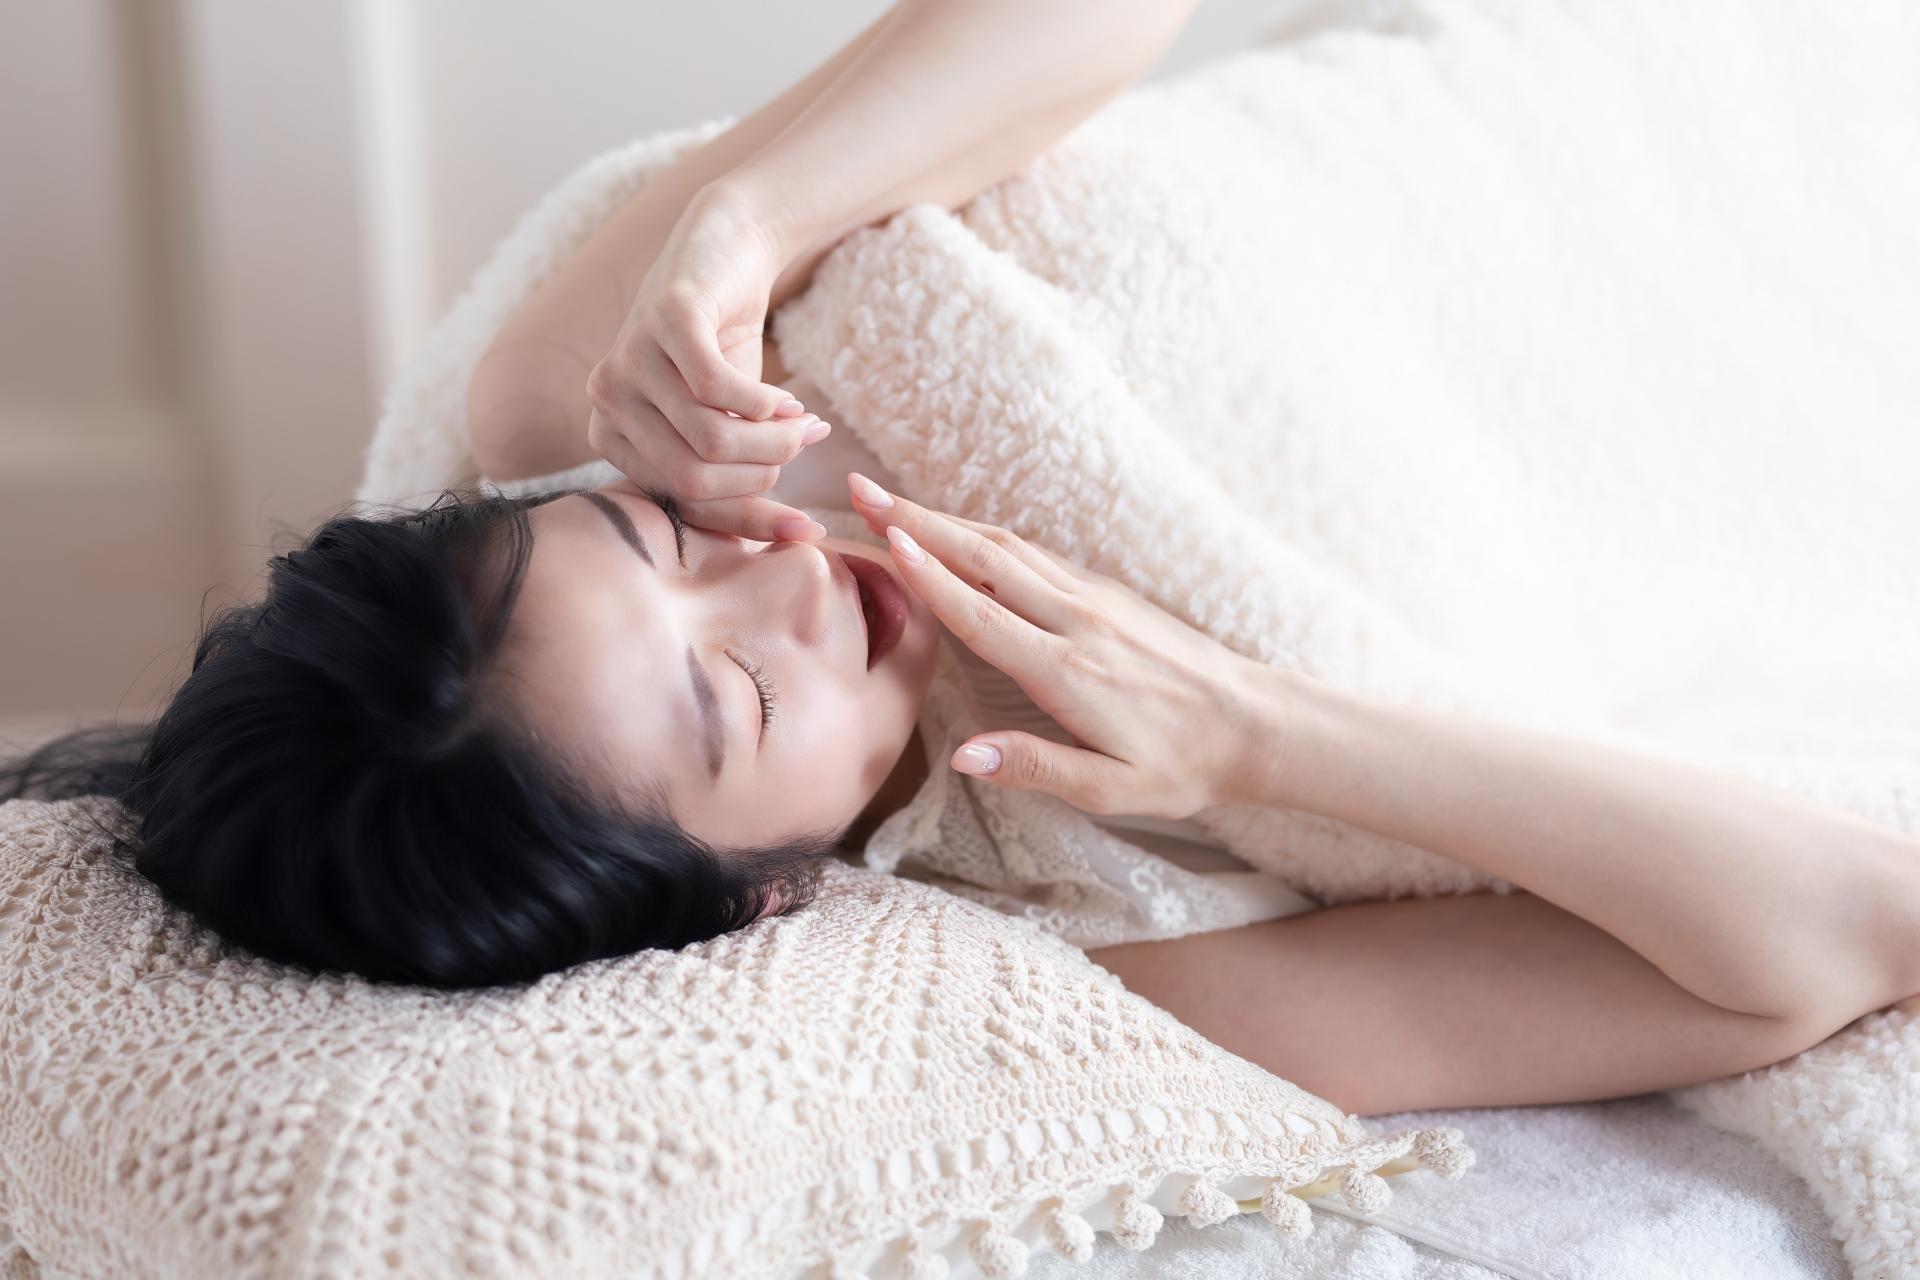 【住まいと睡眠】世界が注目する睡眠の品質向上とは